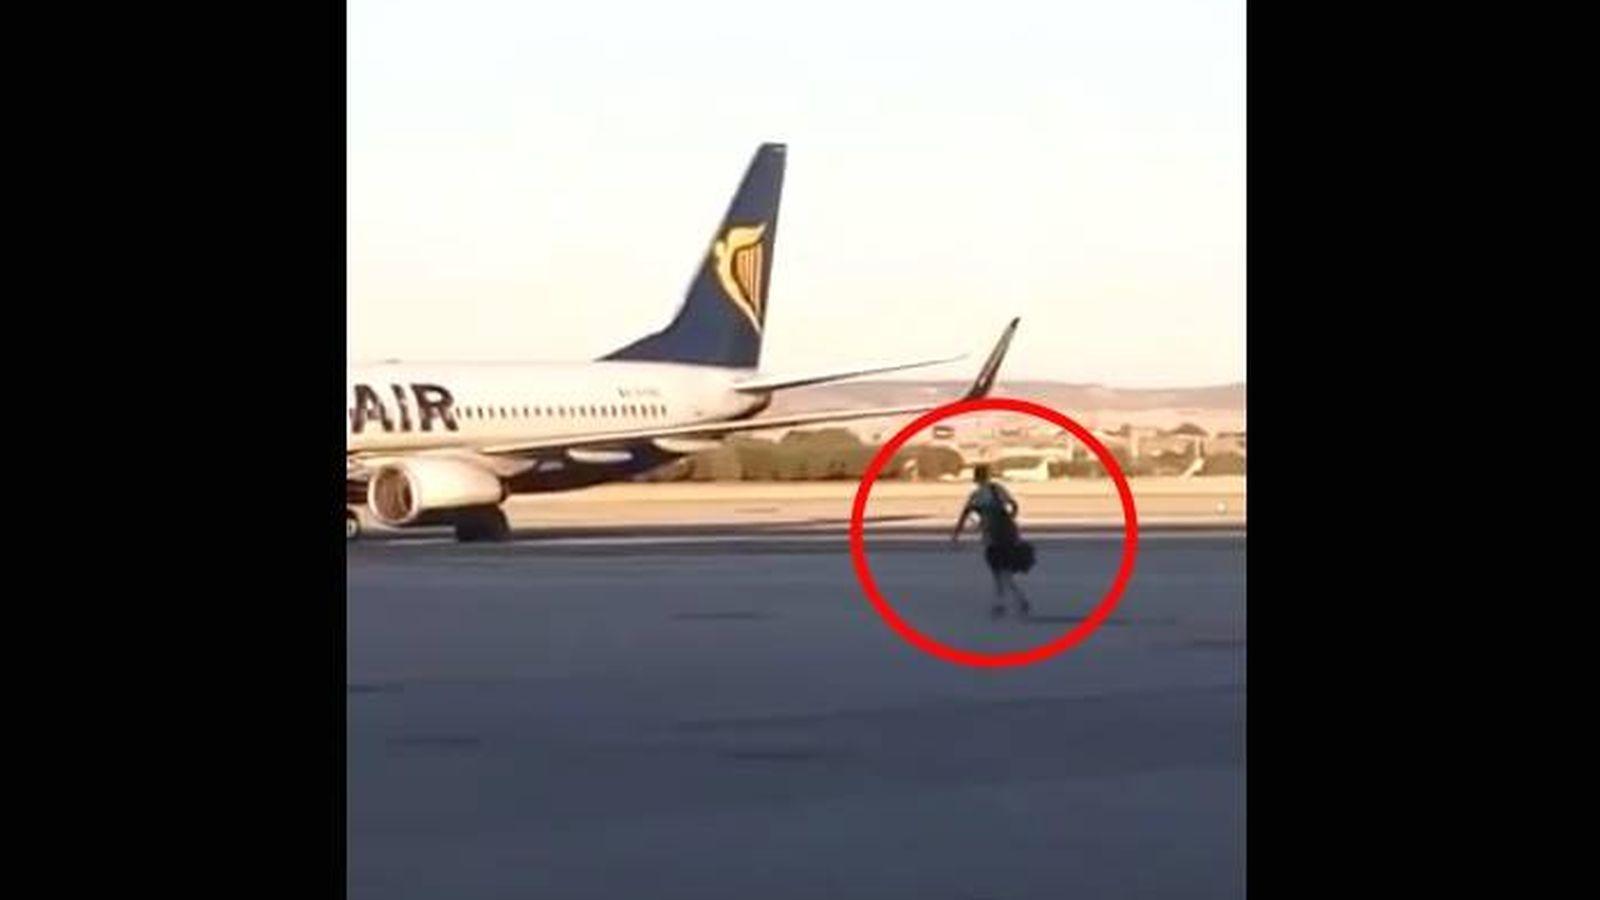 V deo salta a la pista del aeropuerto de barajas en un intento desesperado por coger el avi n - Que peut on emmener en avion ...